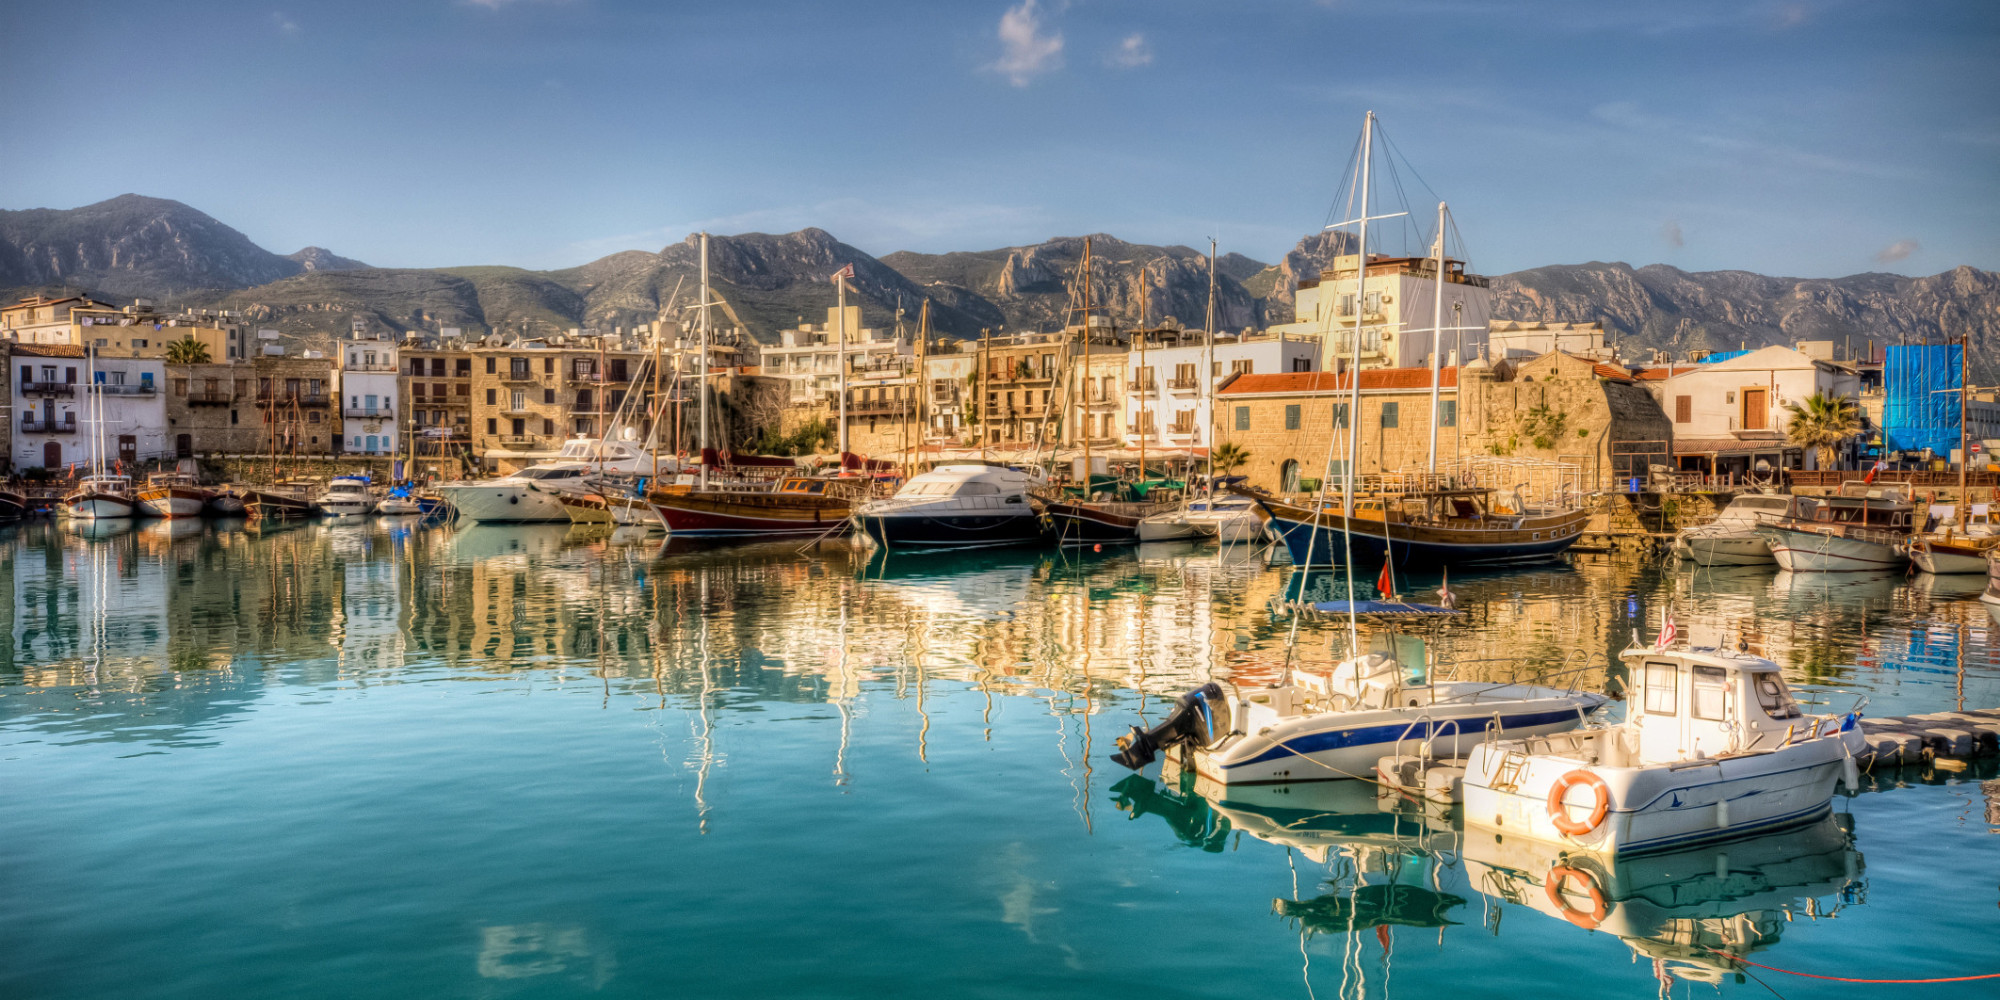 Những lý do Síp là một quốc gia đáng để đầu tư